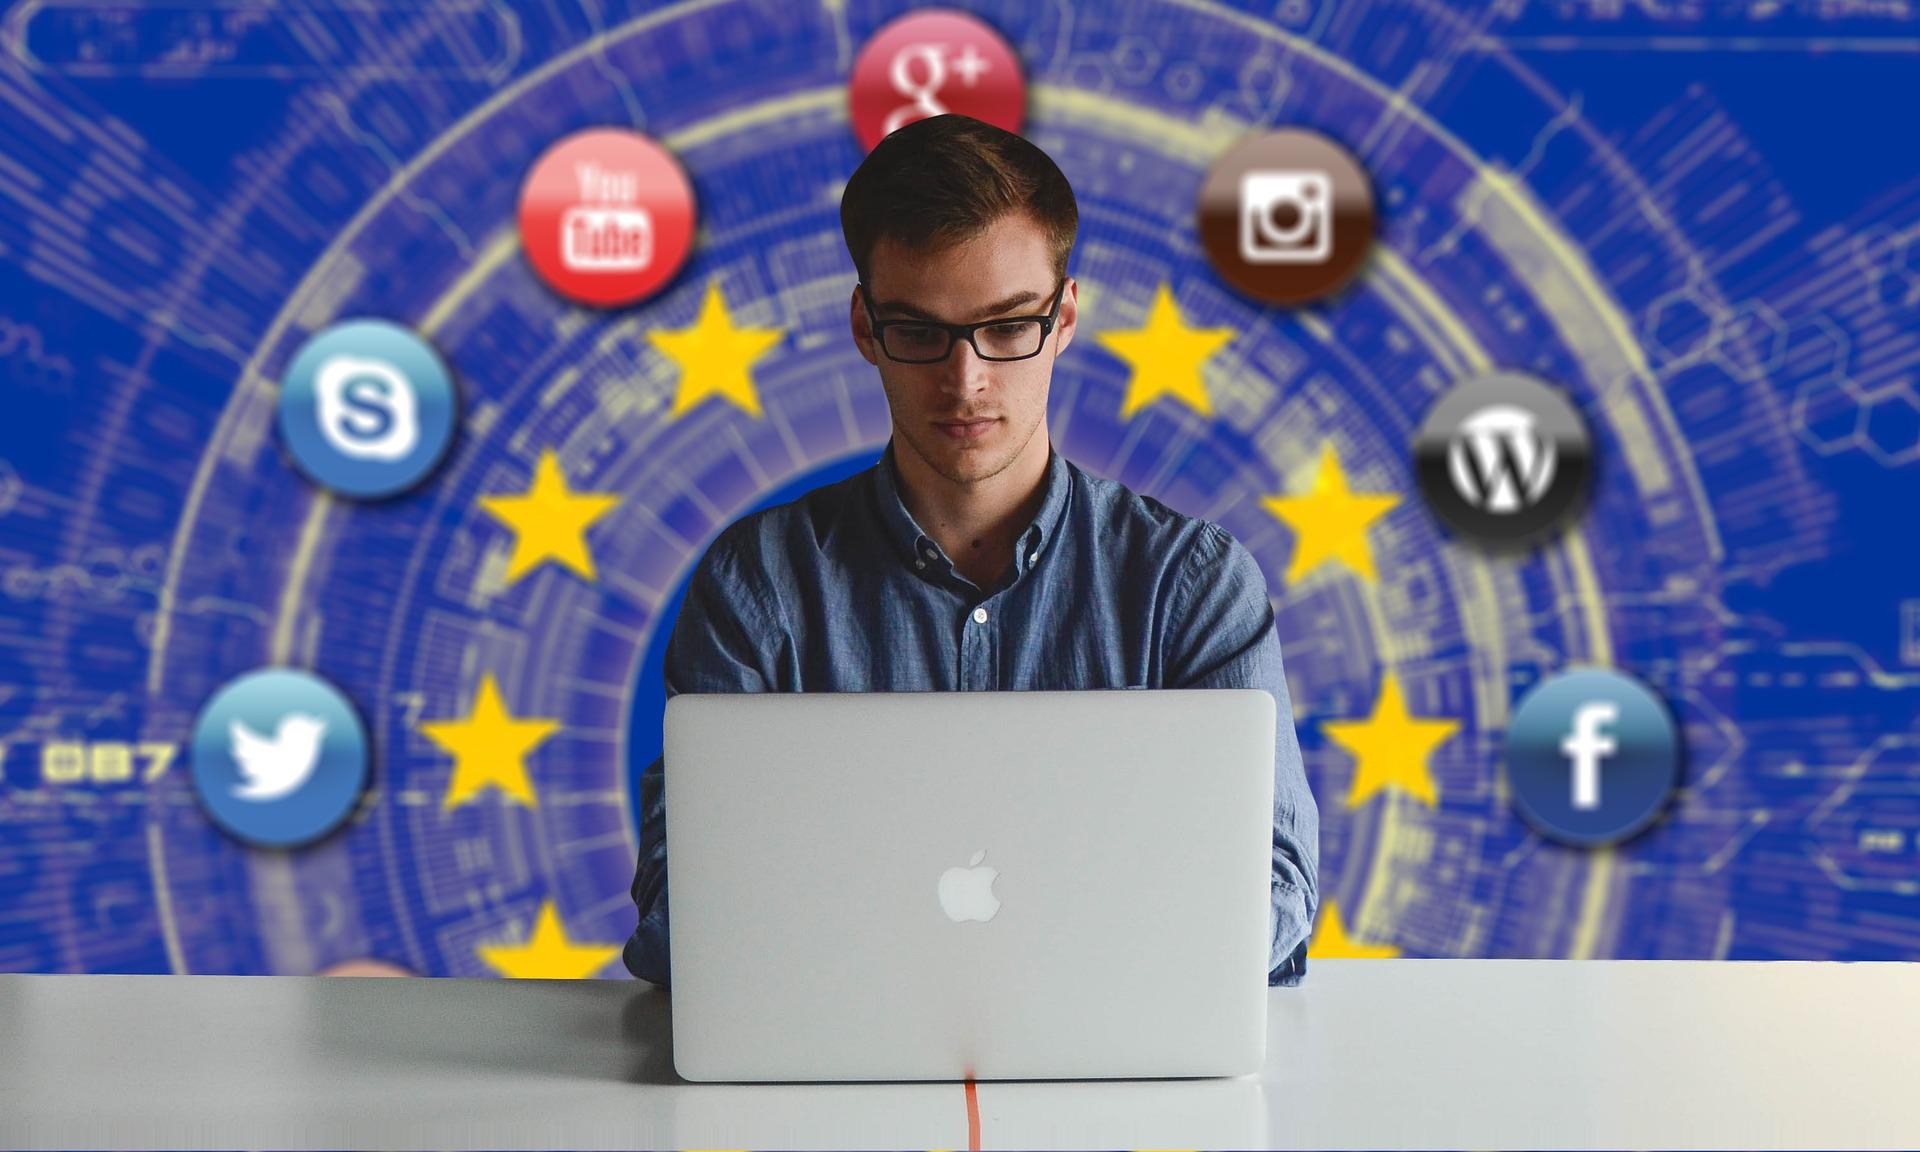 (Descrição da imagem: Homem jovem usa o computador. Atrás dele, o fundo da imagem mostra os ícones de diferentes redes sociais como Twitter, Facebook e YouTube)